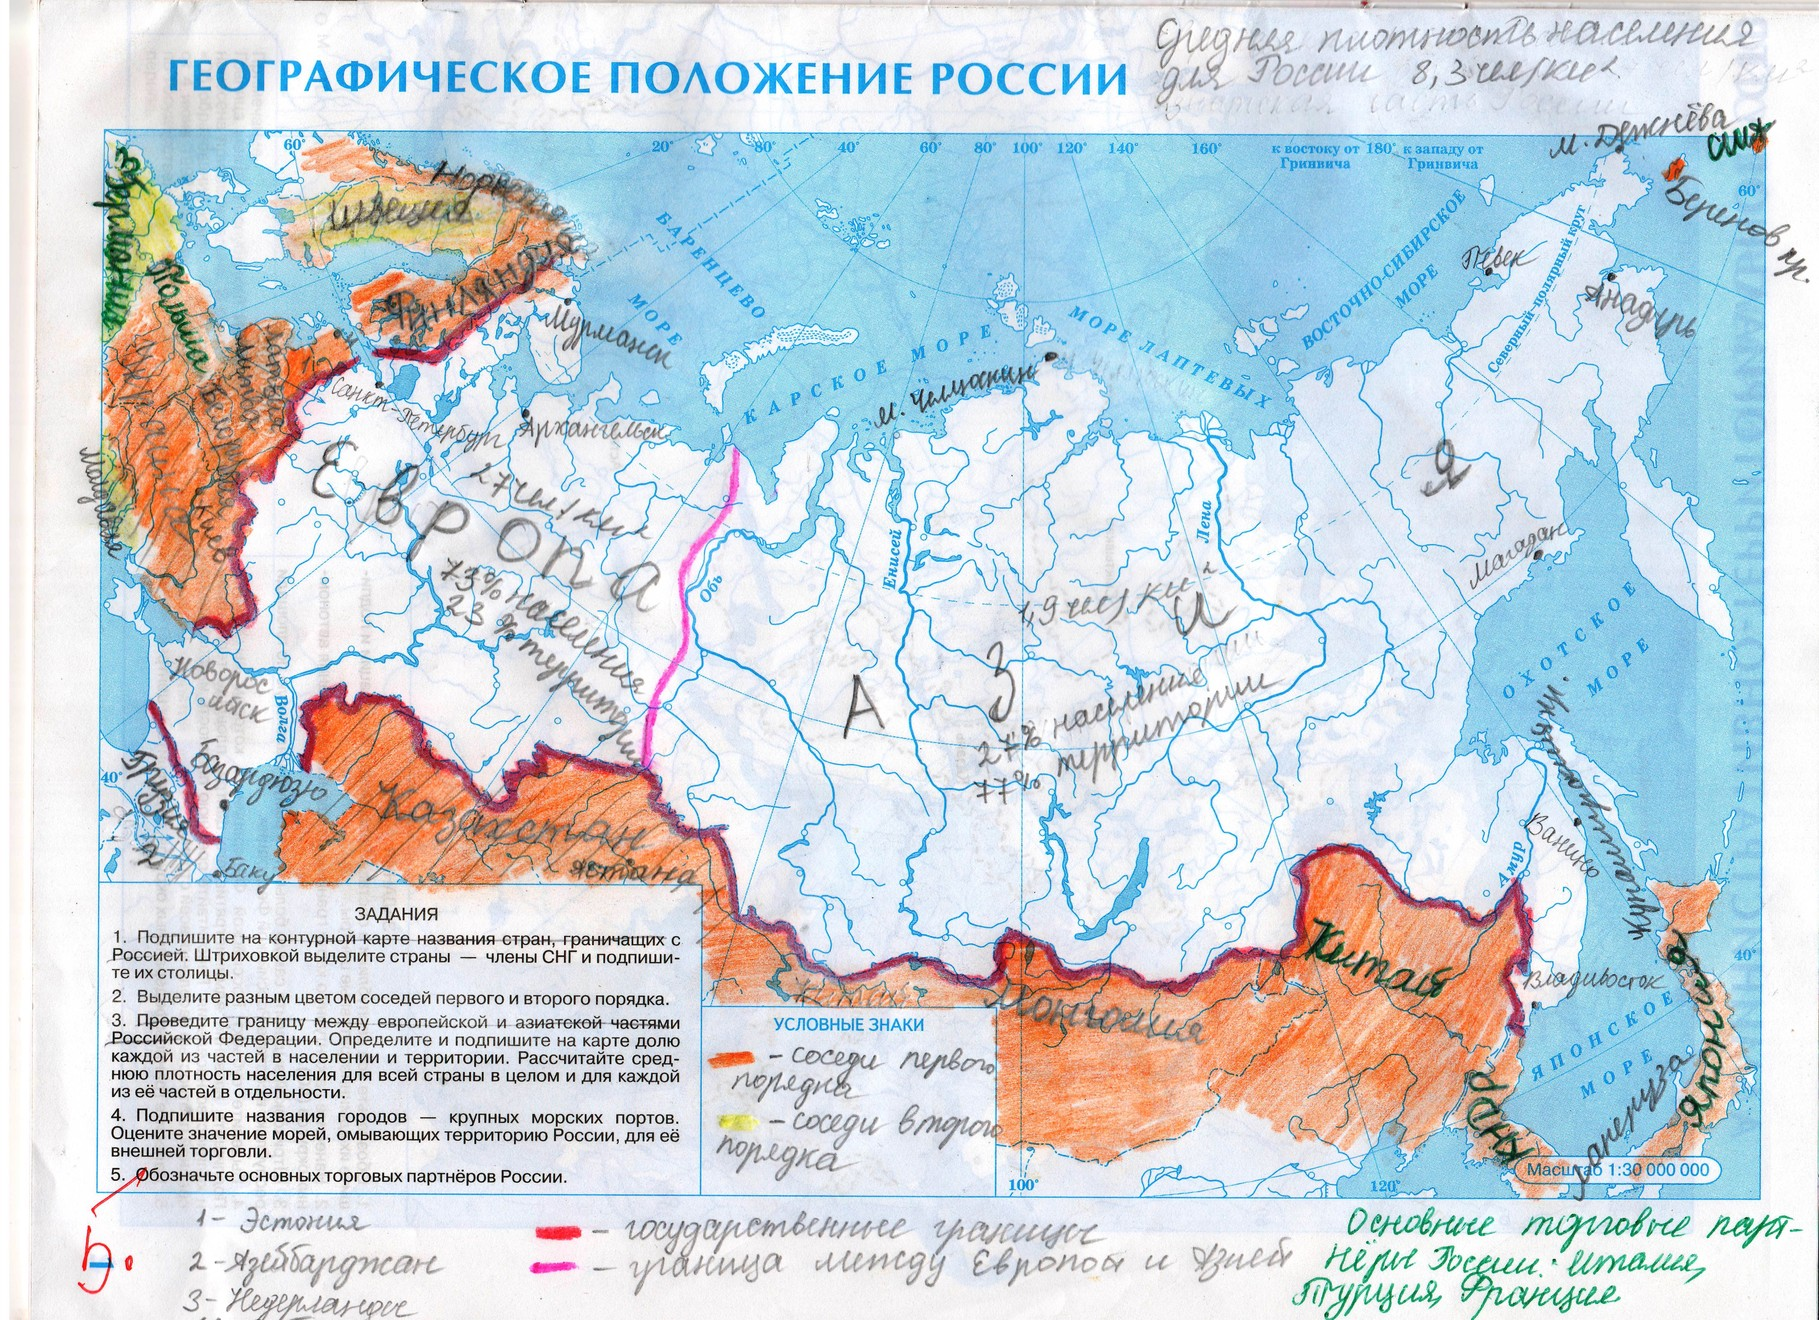 вести сухопутная граница россии на контурной карте водой